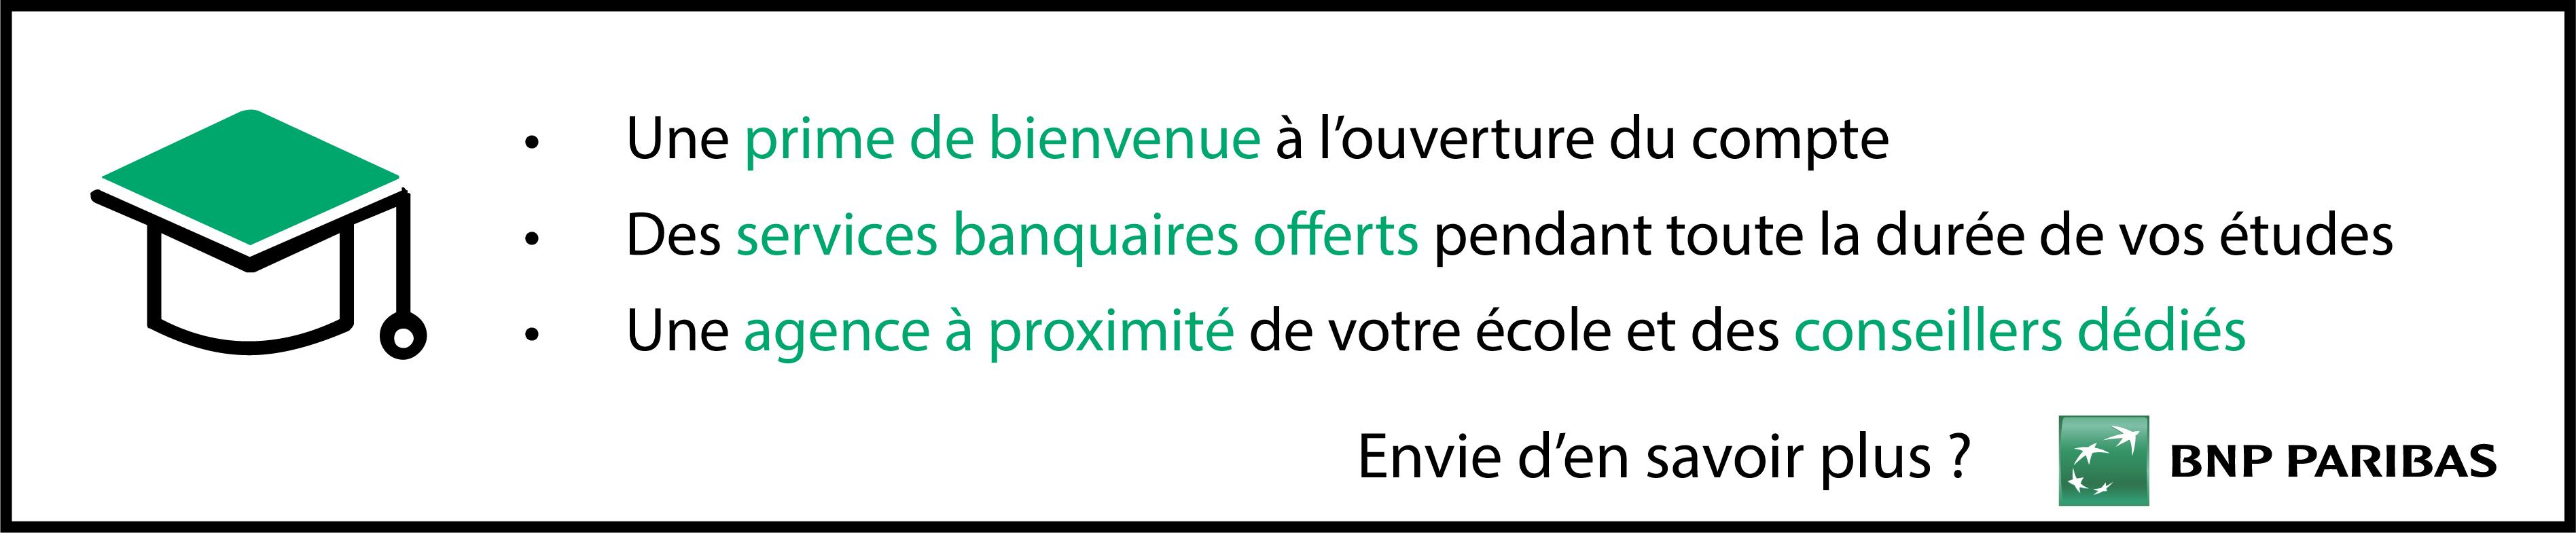 Offre étudiant de notre partenaire BNP Paris